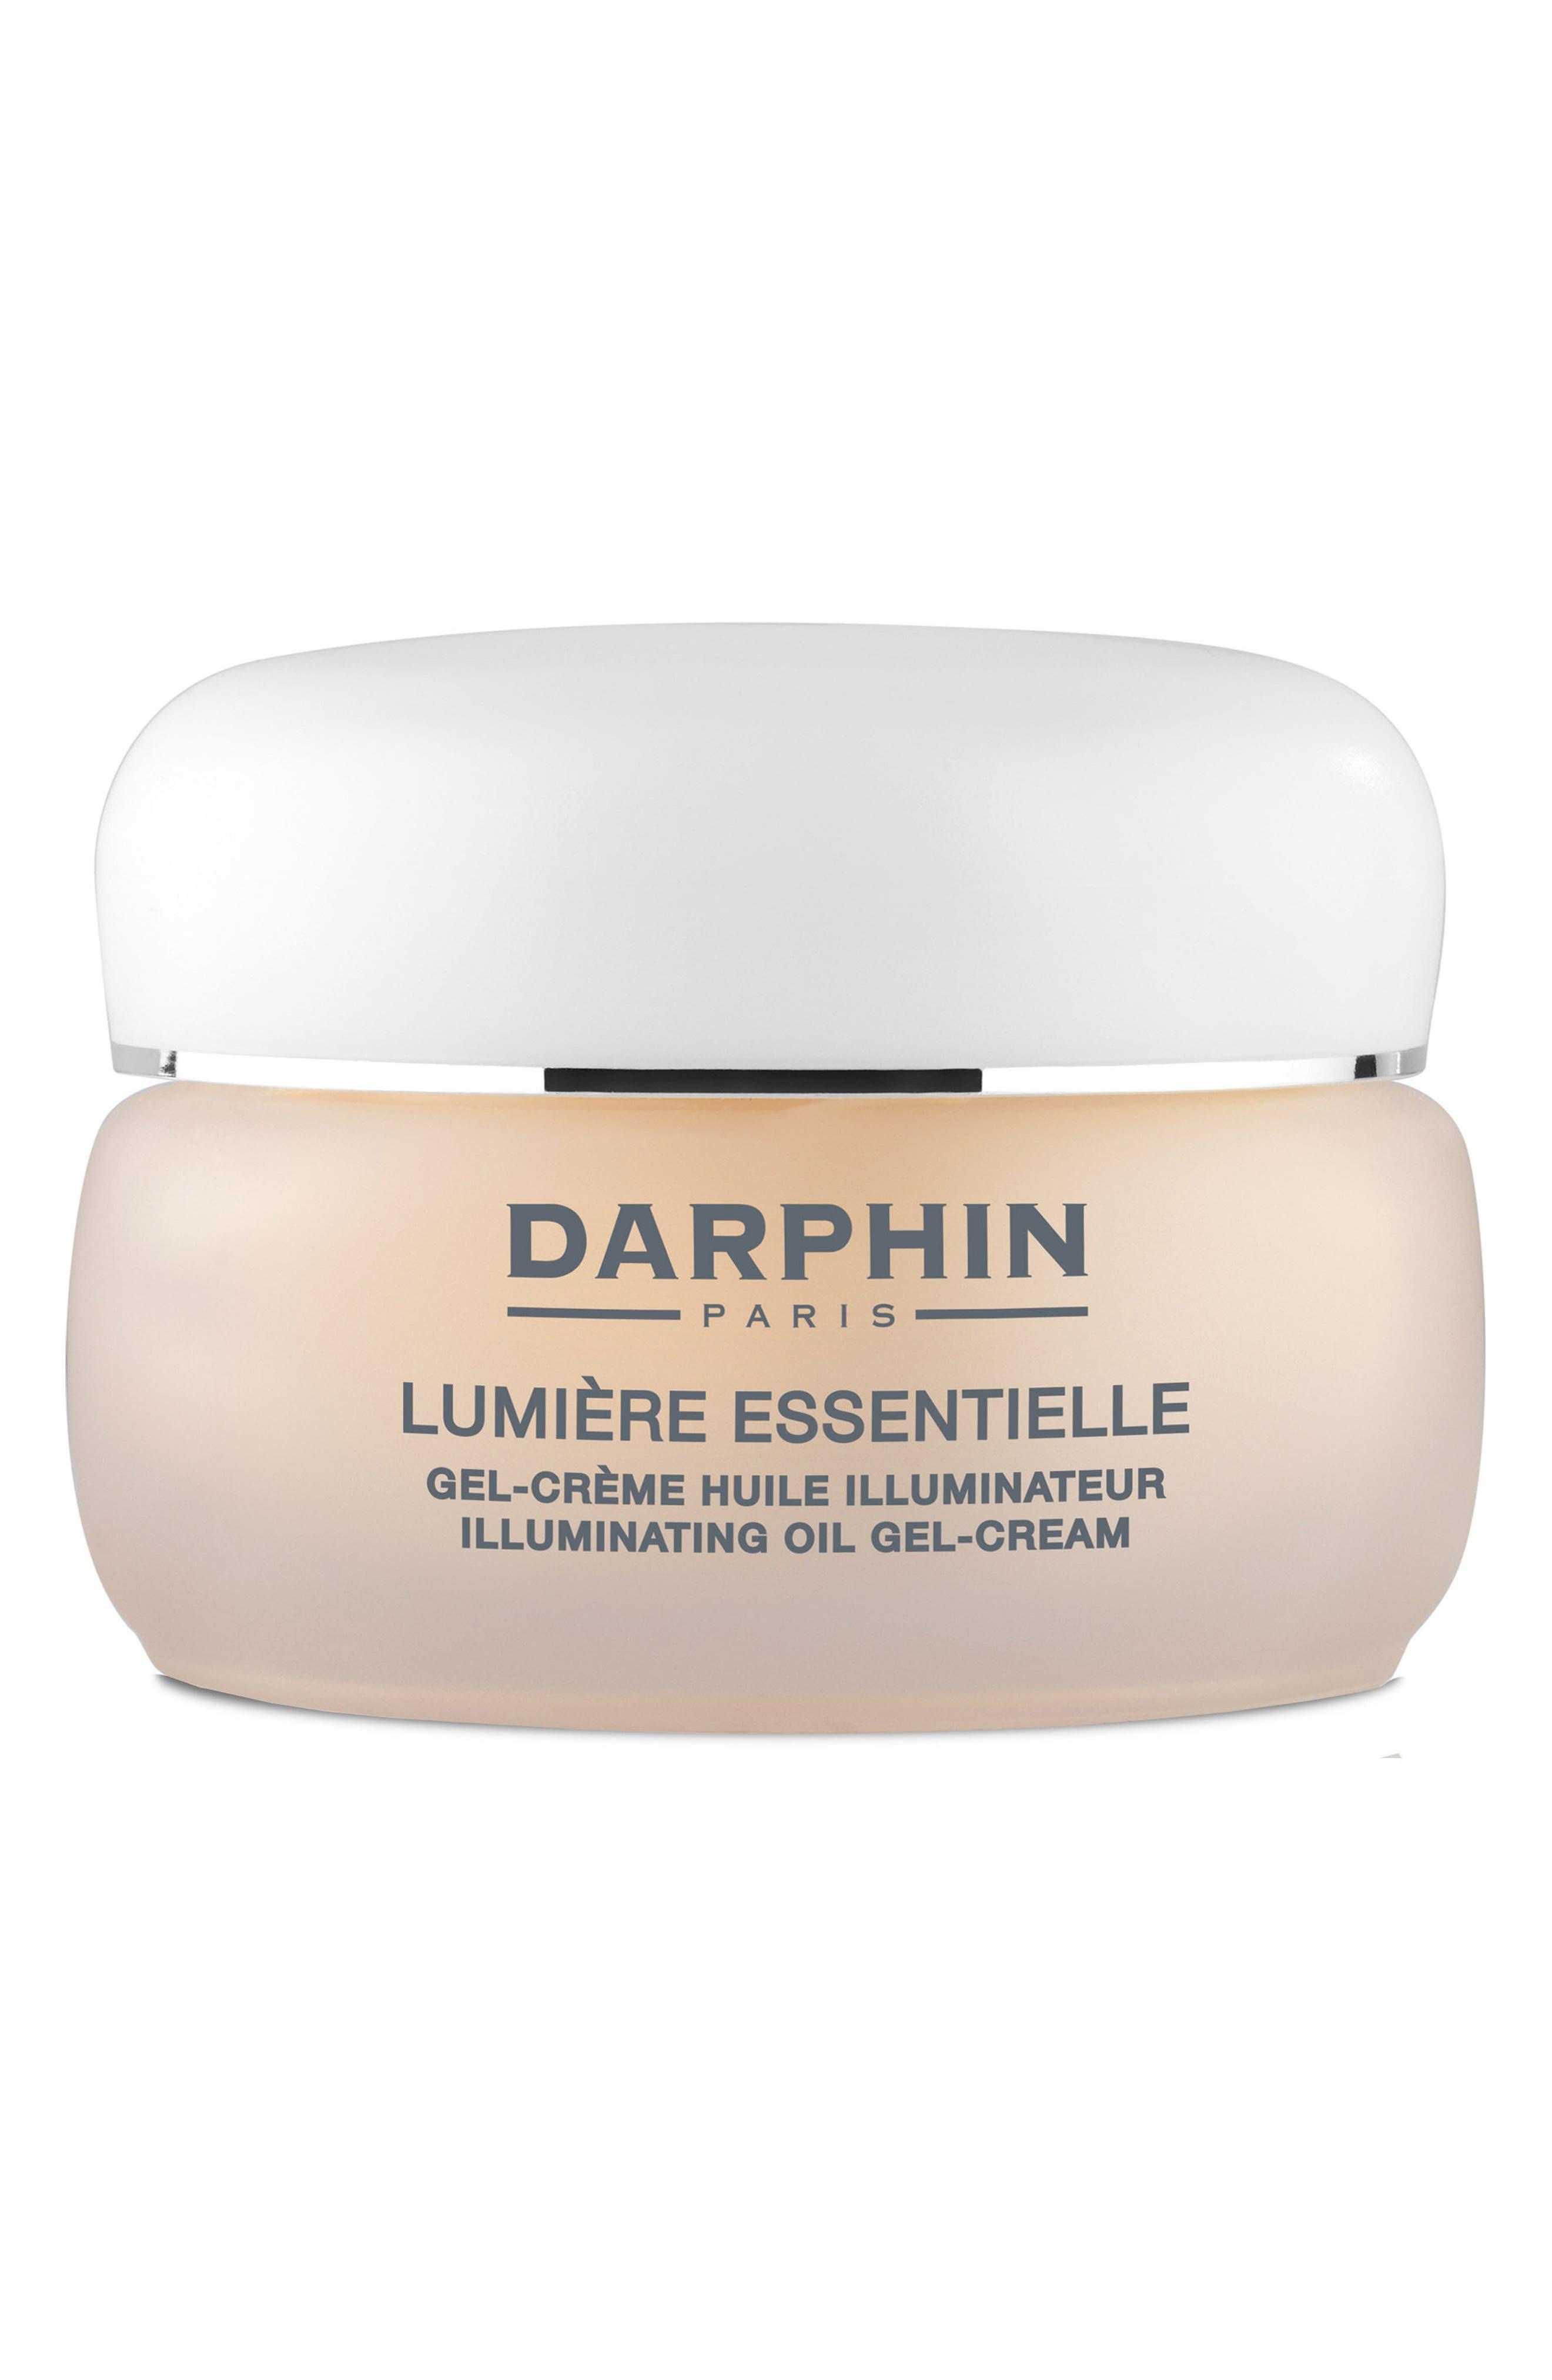 Alternate Image 1 Selected - Darphin Lumière Essentielle Illuminating Oil Gel-Cream